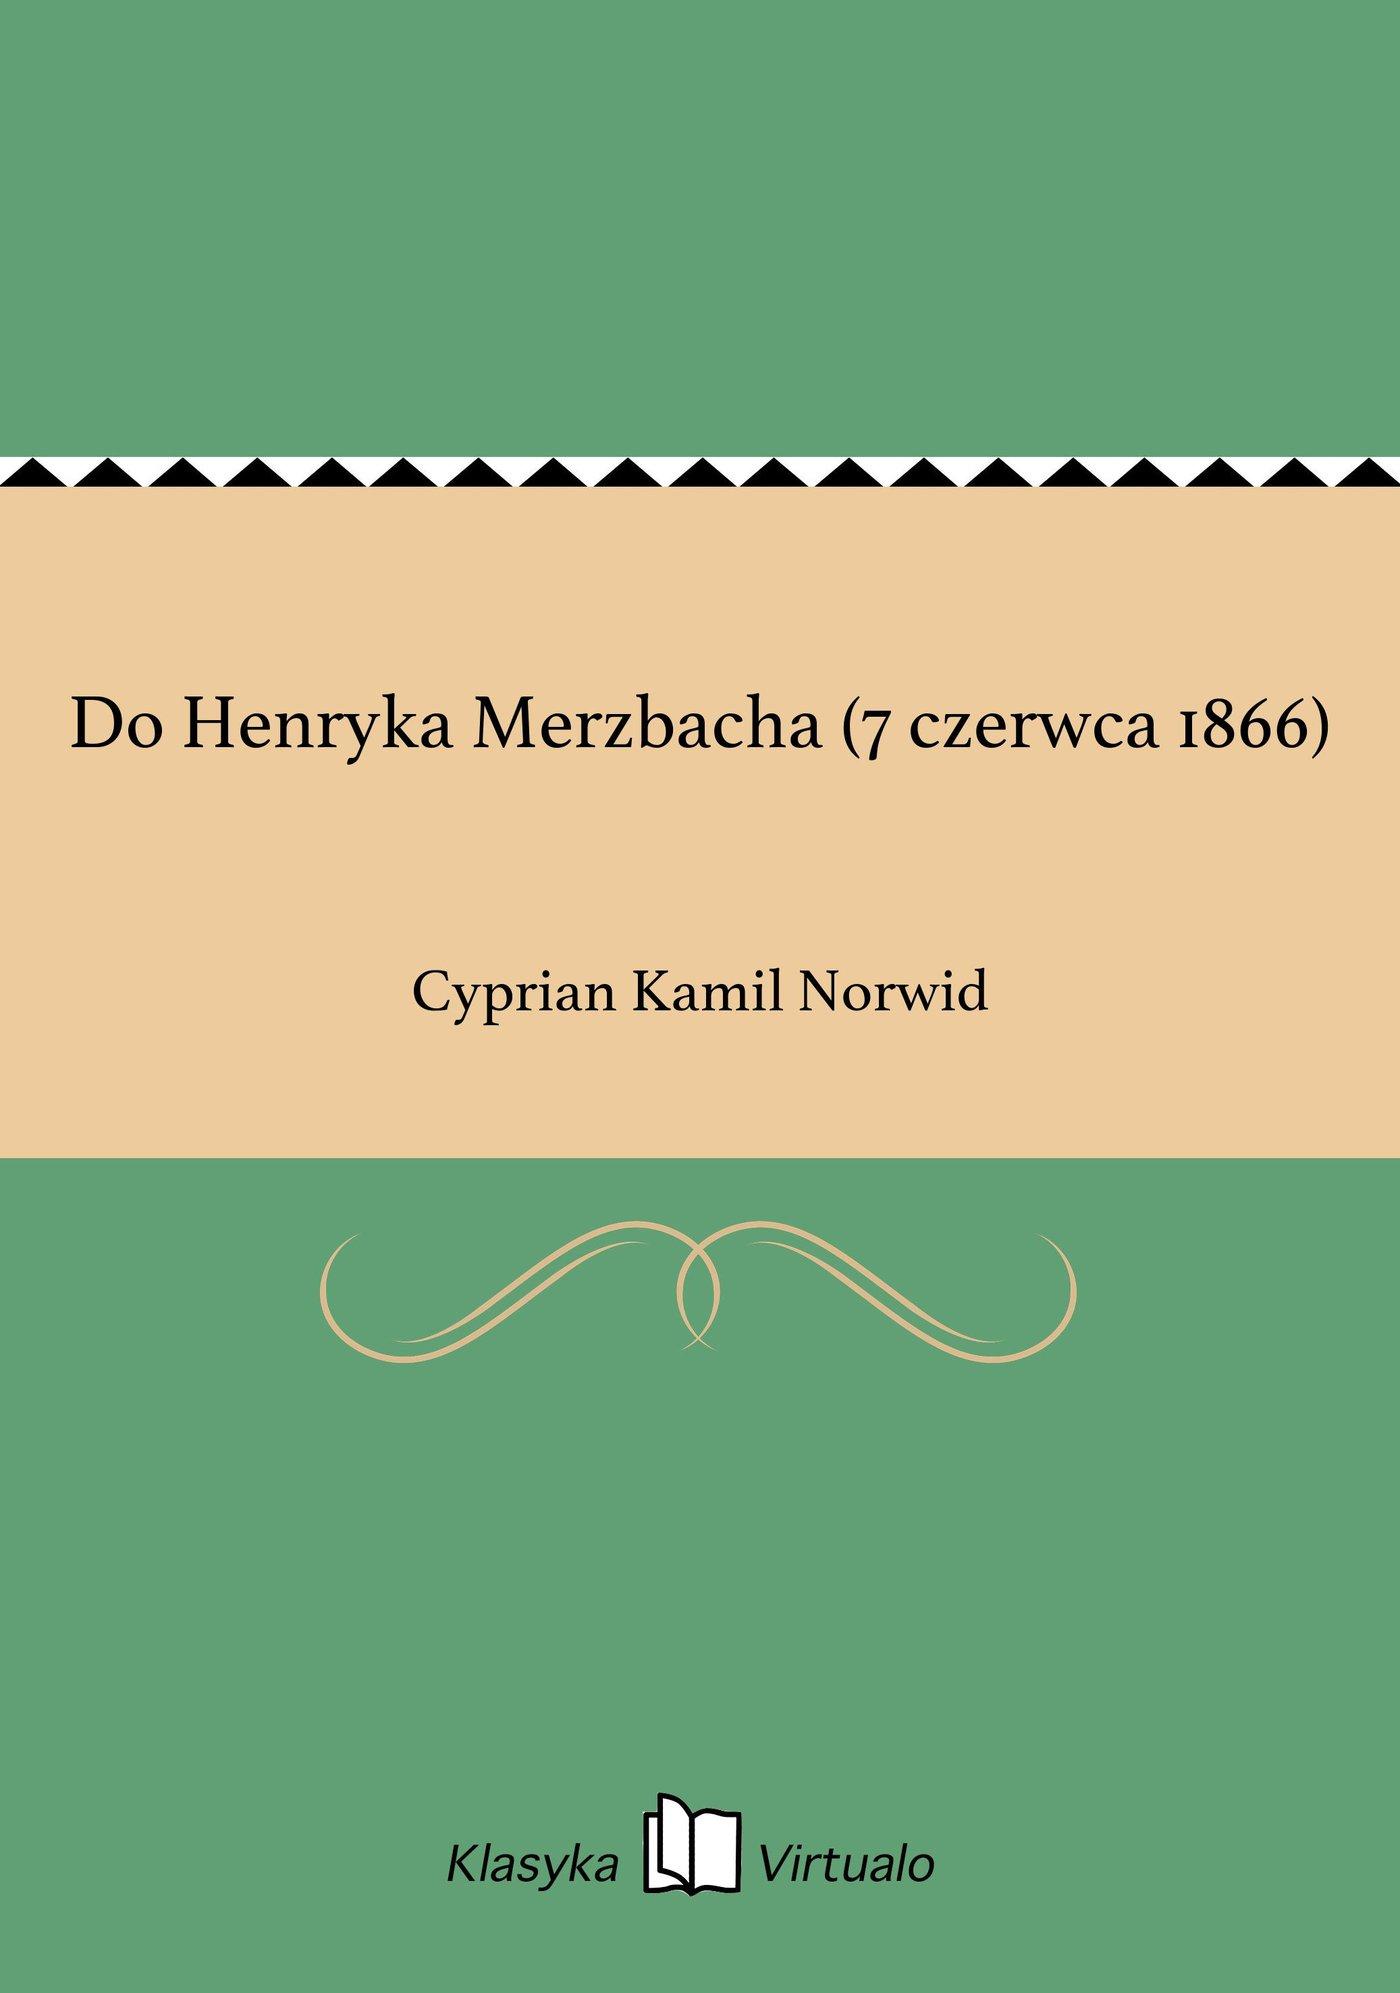 Do Henryka Merzbacha (7 czerwca 1866) - Ebook (Książka na Kindle) do pobrania w formacie MOBI